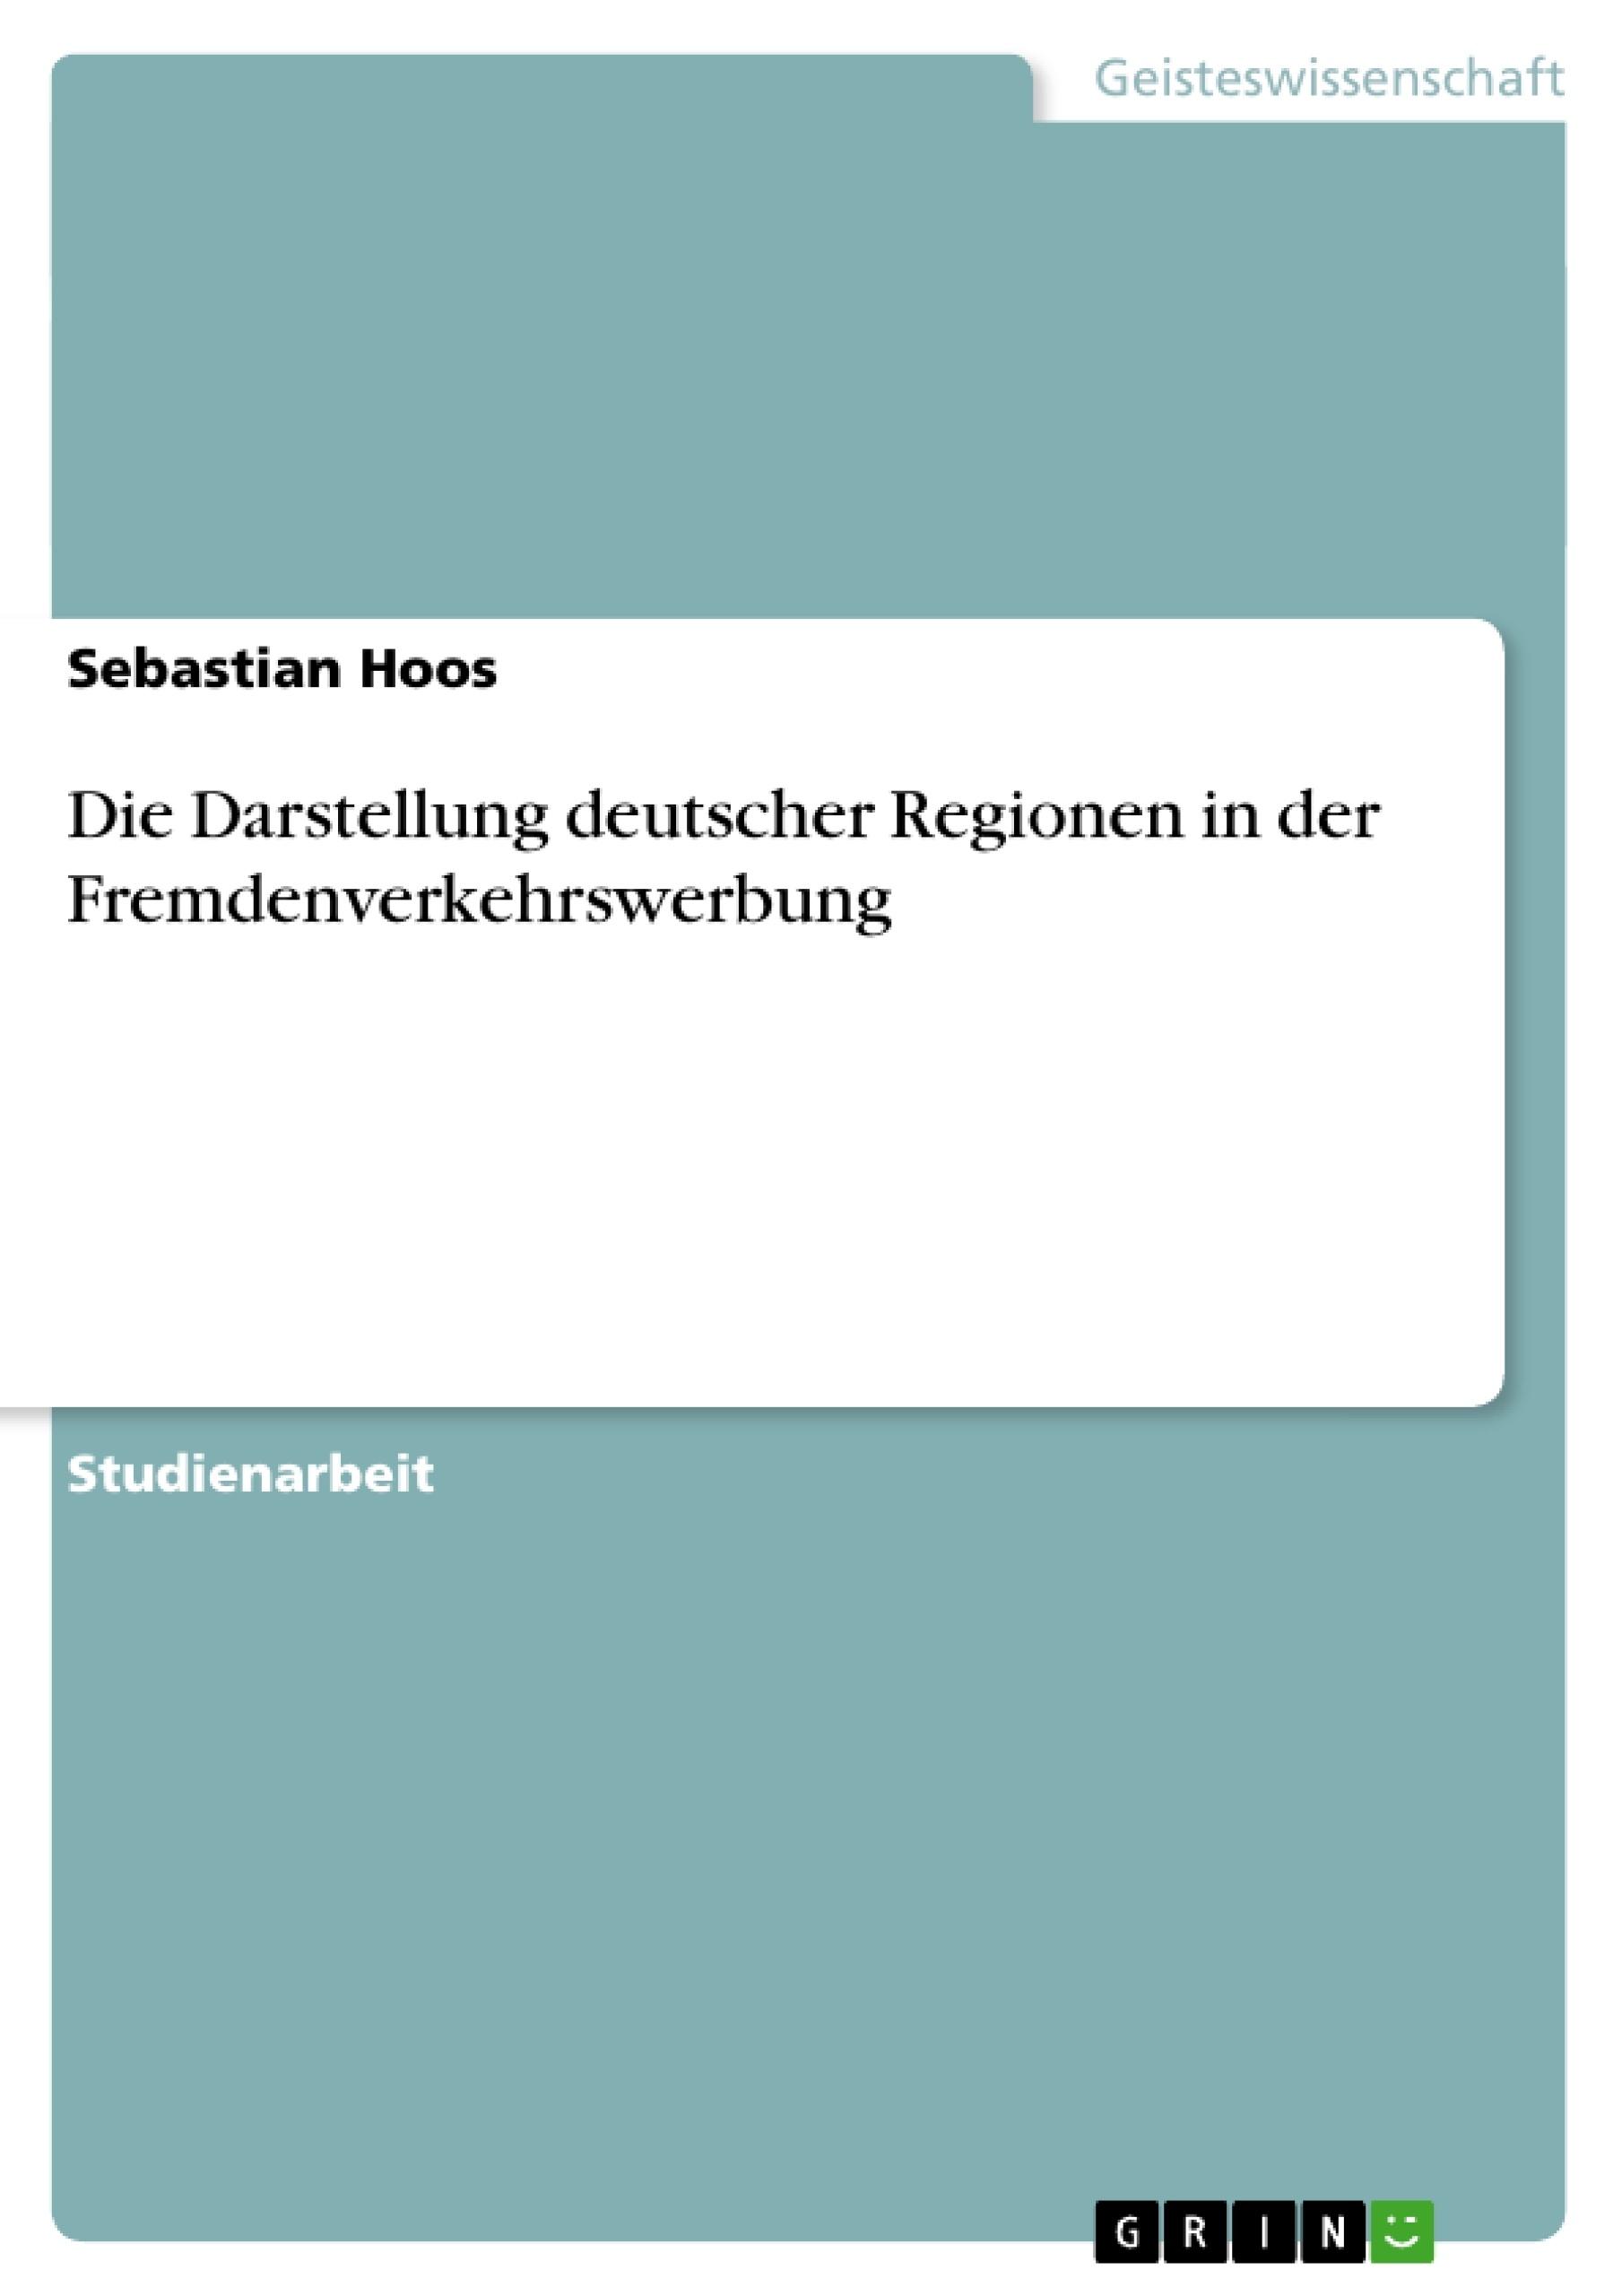 Titel: Die Darstellung deutscher Regionen in der Fremdenverkehrswerbung